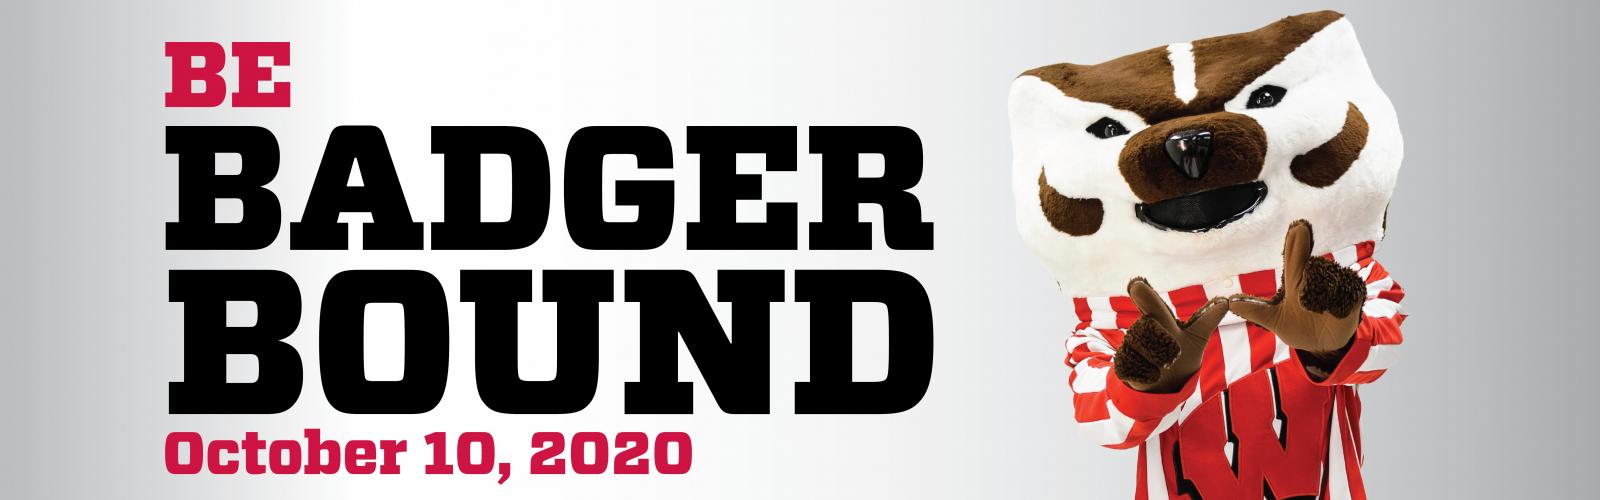 Be Badger Bound October 10, 2020